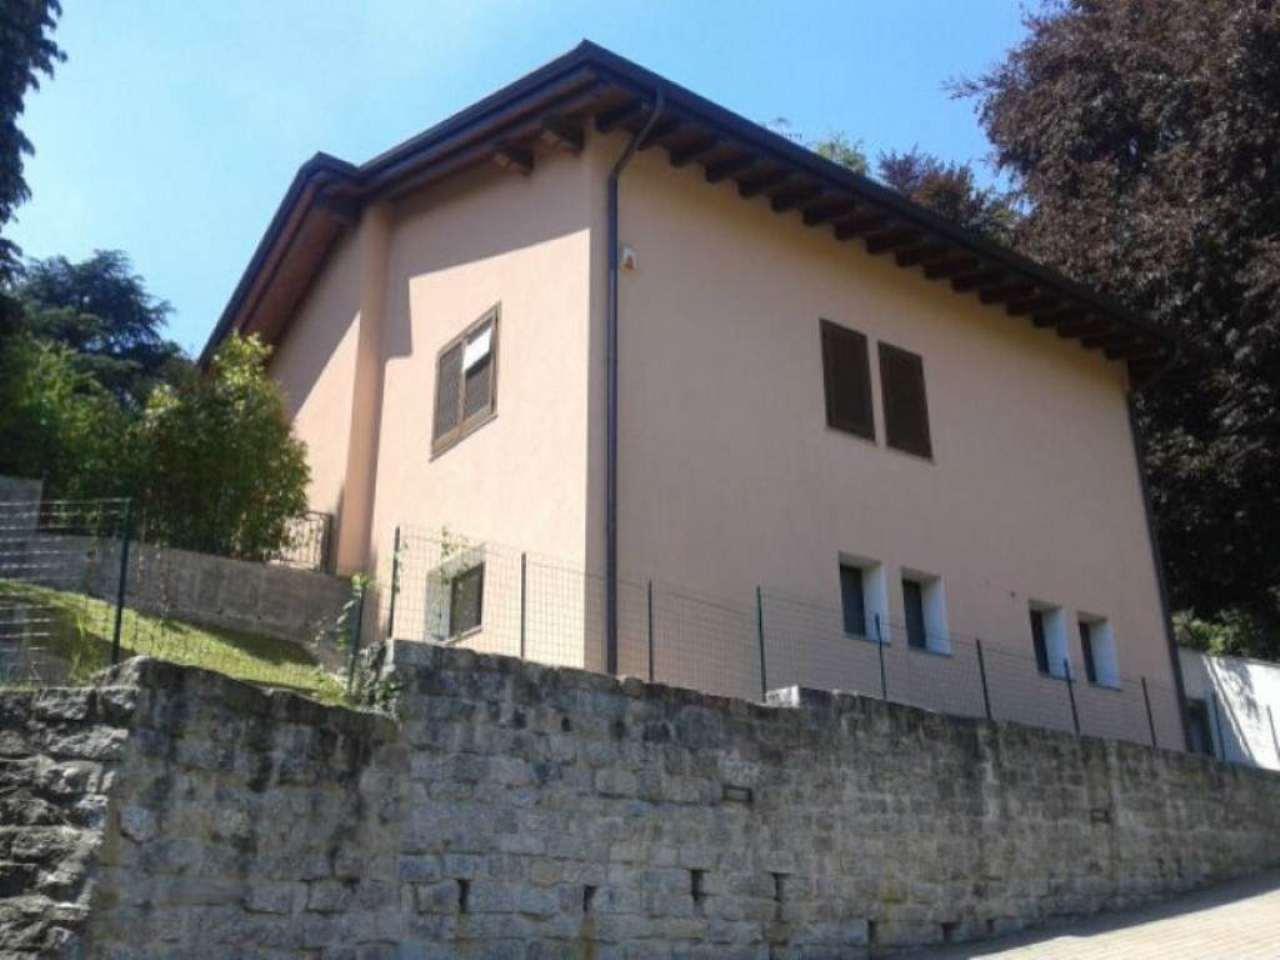 Villa in vendita a Varese, 10 locali, prezzo € 690.000 | Cambio Casa.it